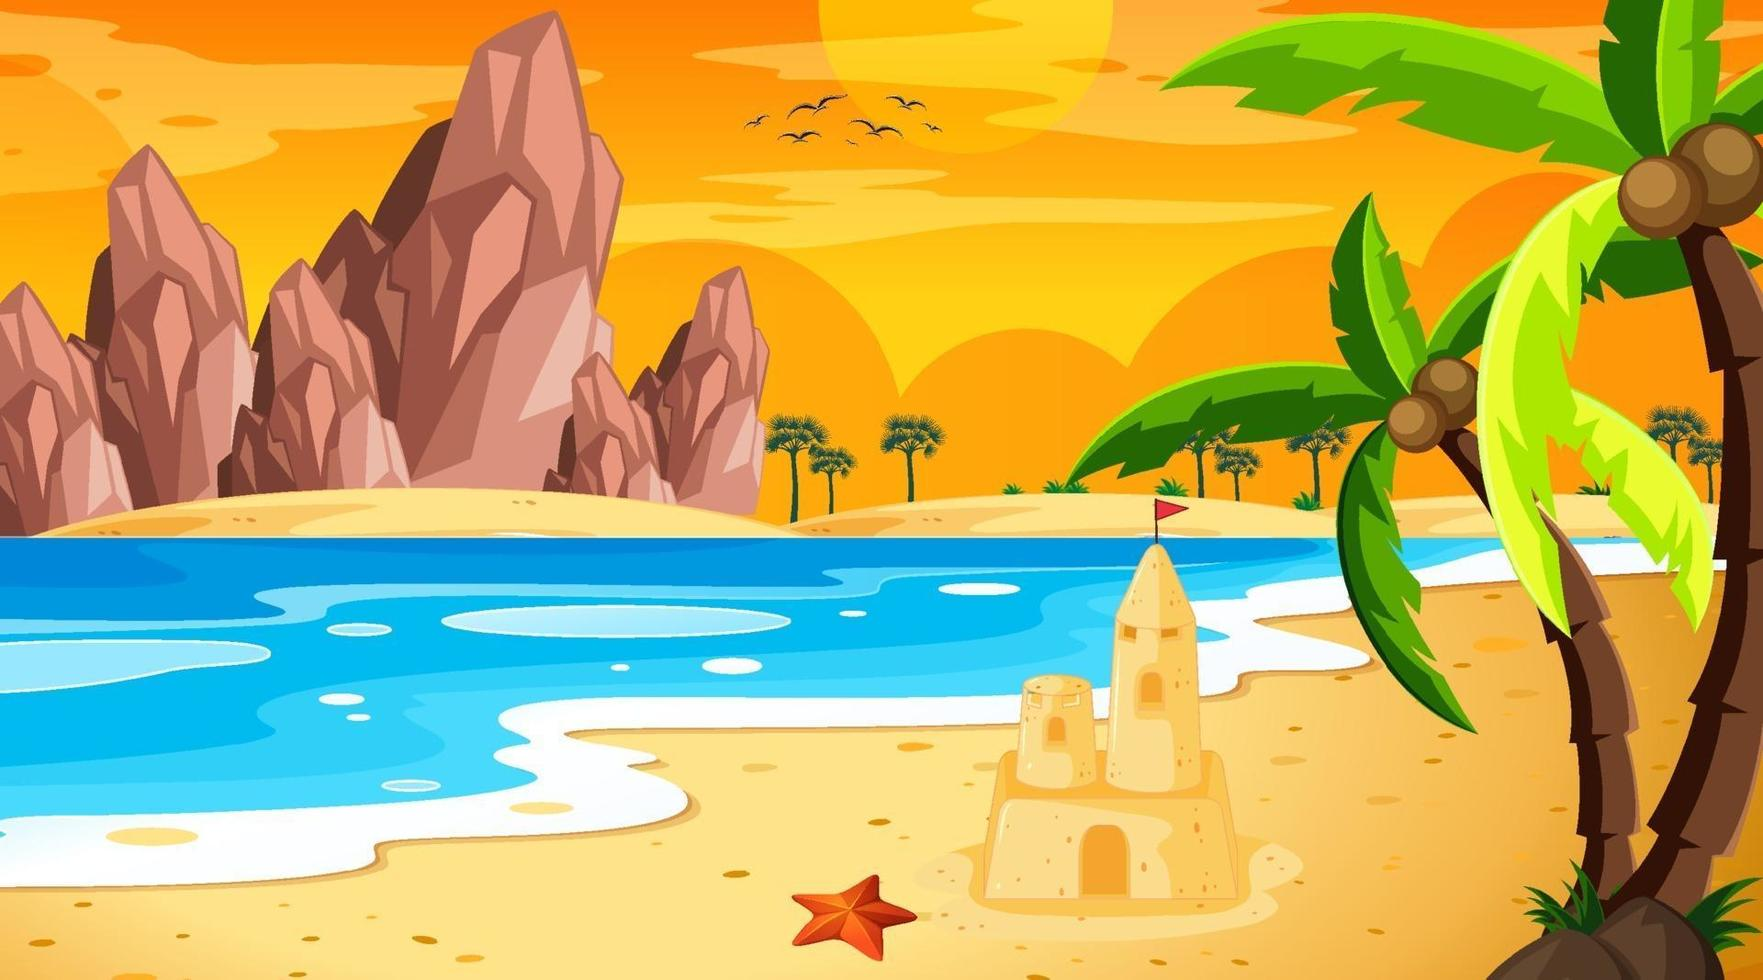 paesaggio spiaggia tropicale alla scena del tramonto vettore